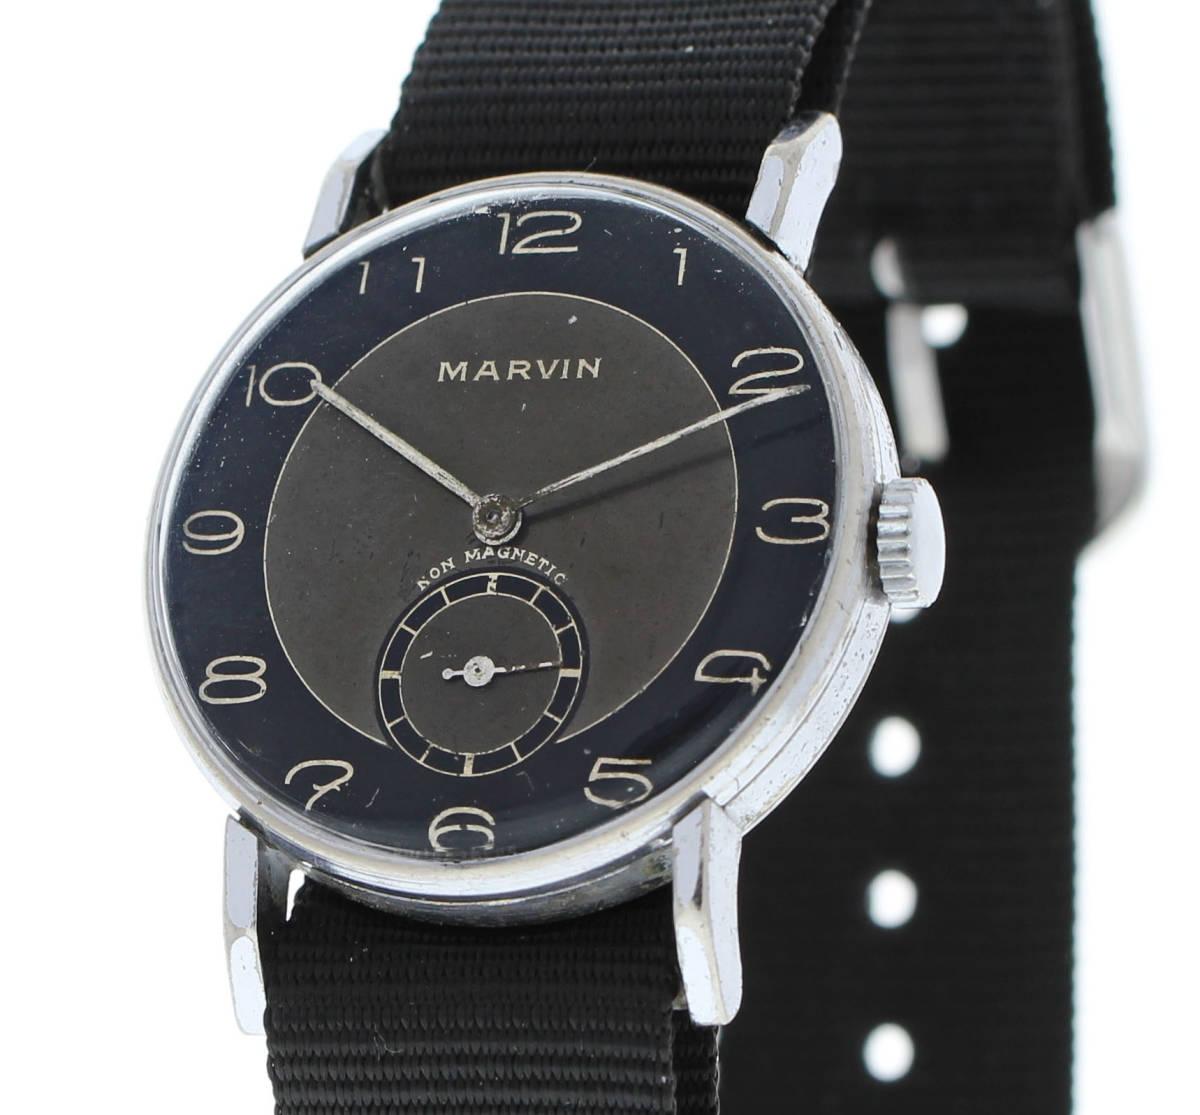 値下げ交渉あり!ヴィンテージ1930年代製MARVINマーヴィン手巻きウォッチ_画像3